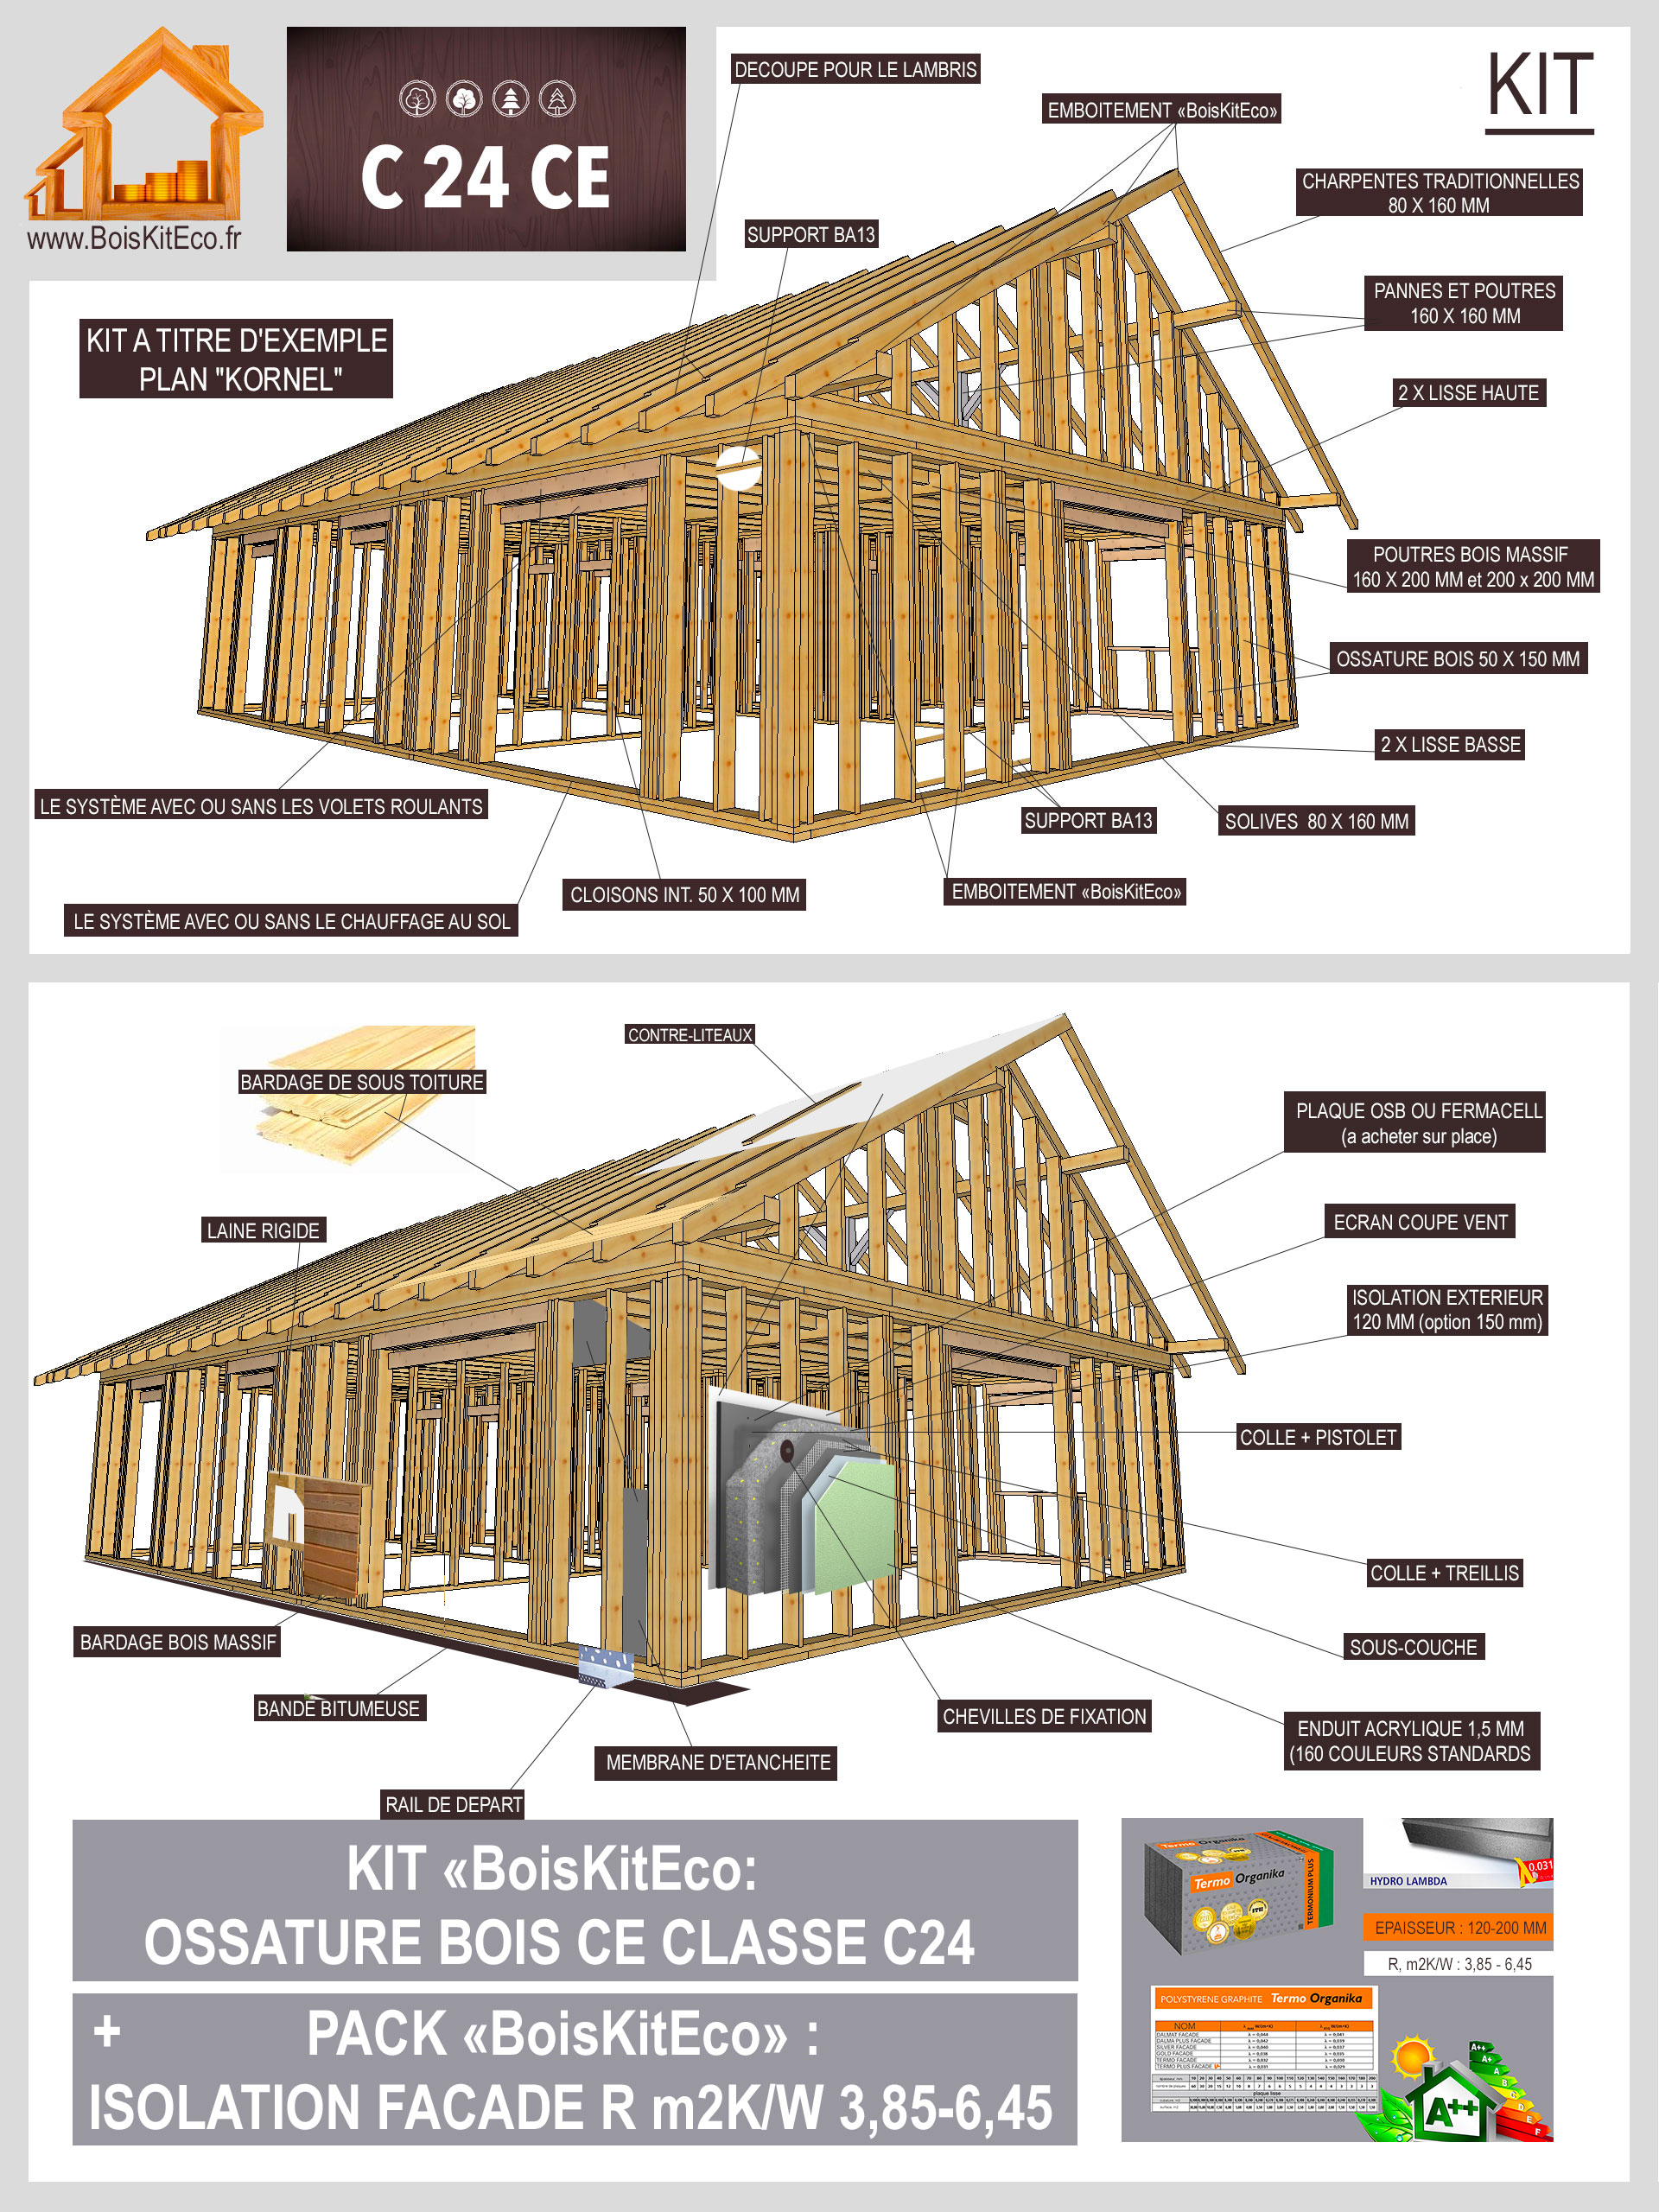 la maison en kit en bois en détailles KORNEL V